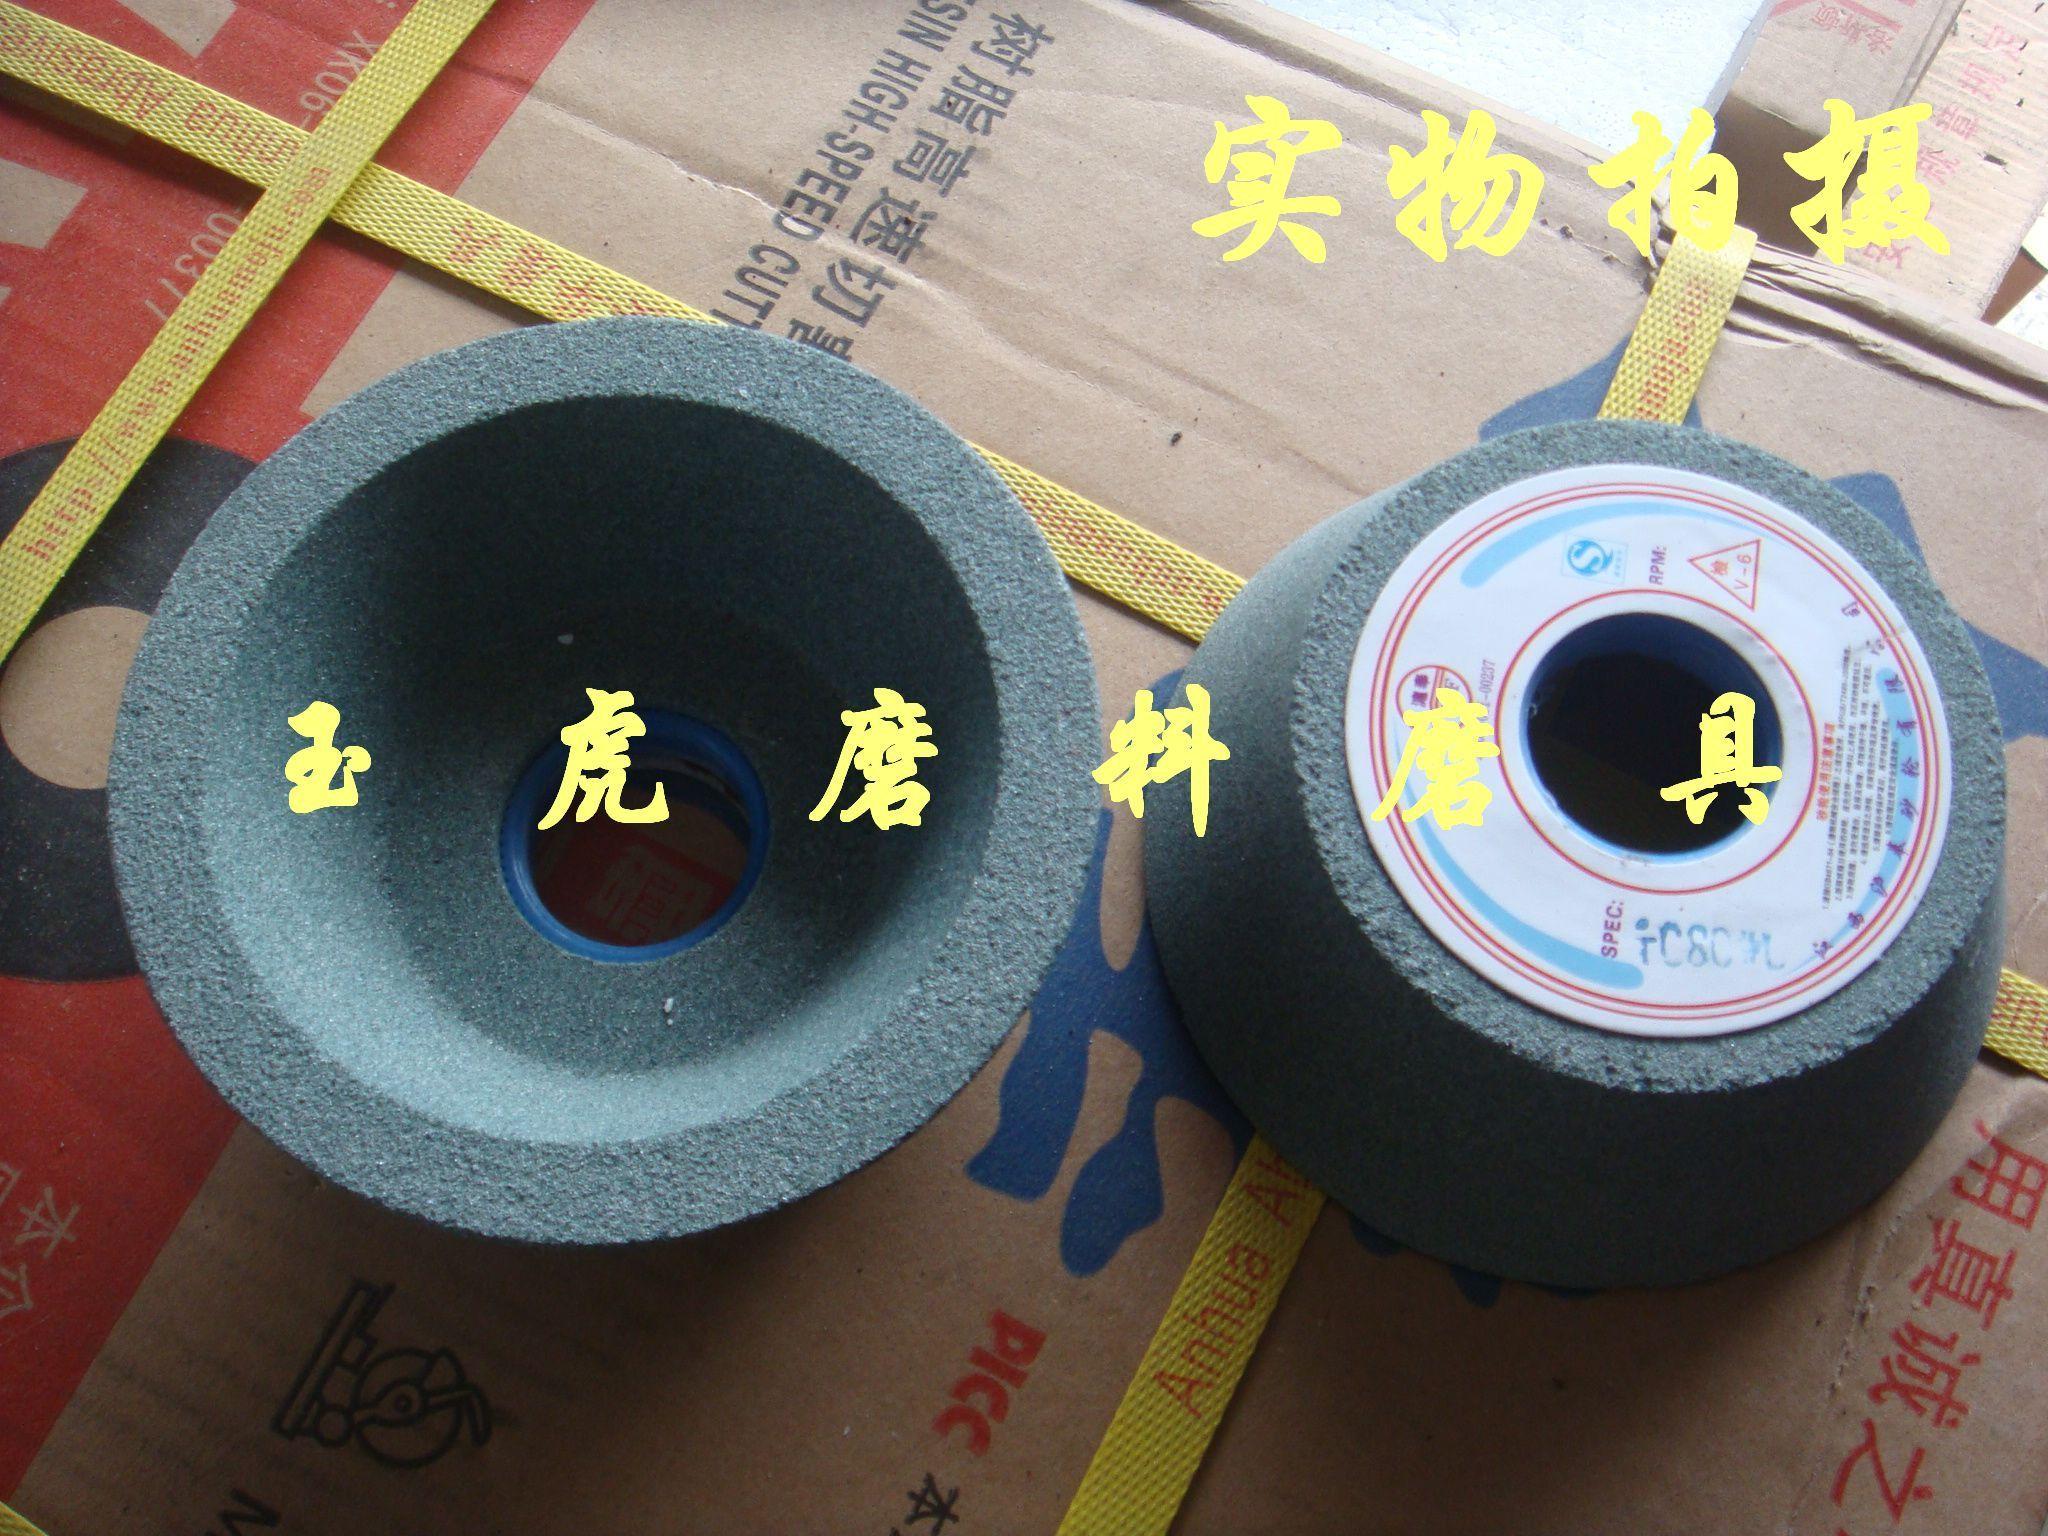 внутренний сад шлифовальным чаша профильного типа керамика шлифовальным зеленый углерода 125*45*32 одиночная вогнутая колесо